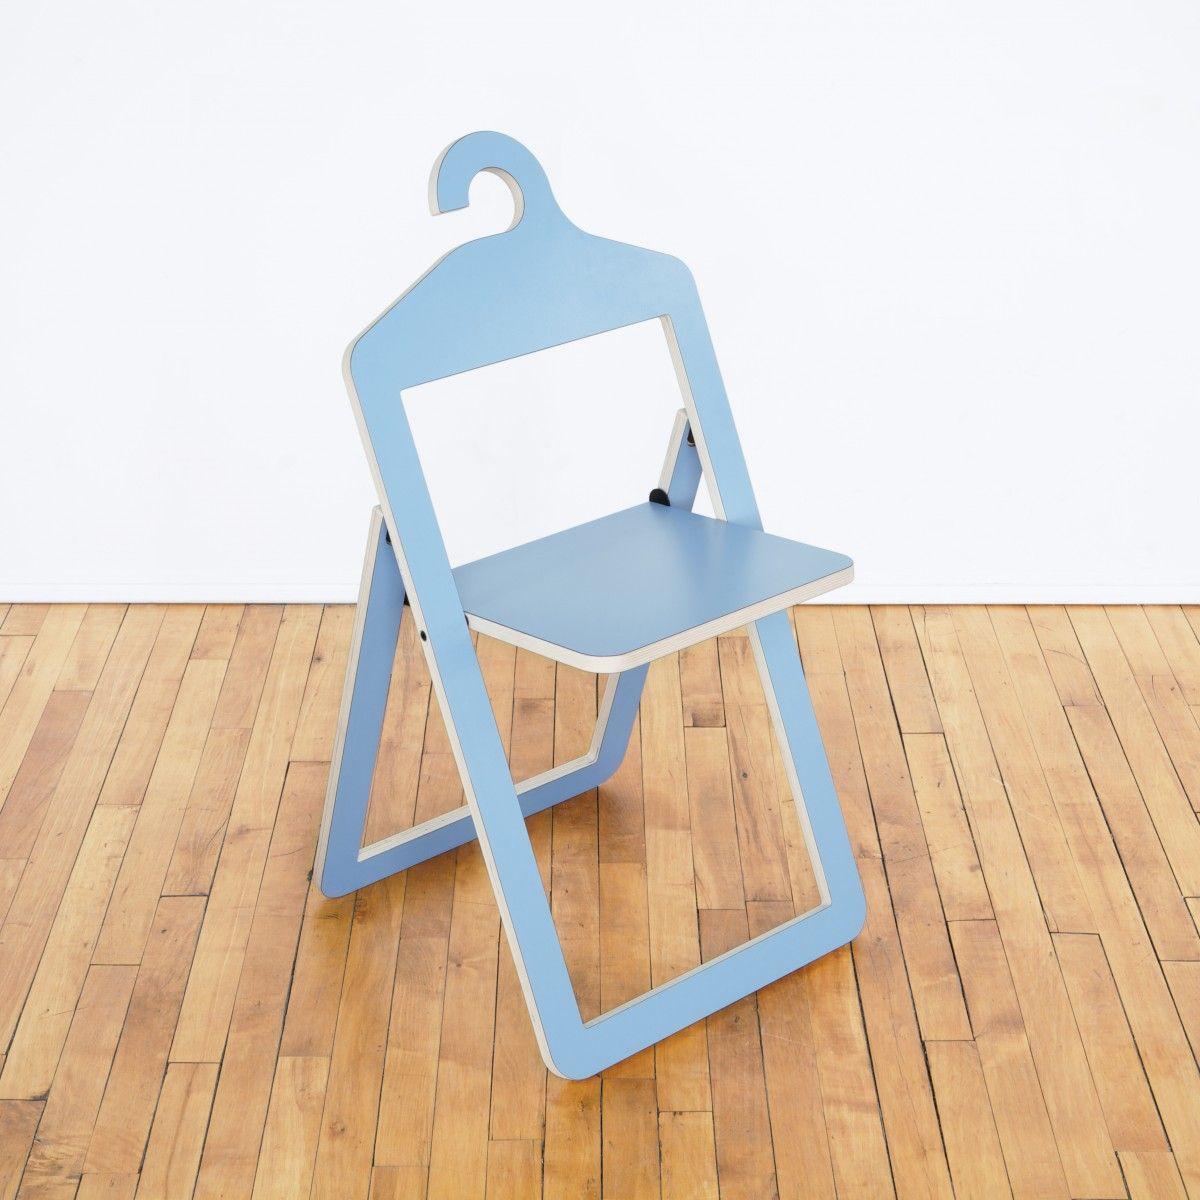 chaise cintre pliante design ultra plate bleu ciel gain de place petit espace deco umbra shift - Chaise Gain De Place